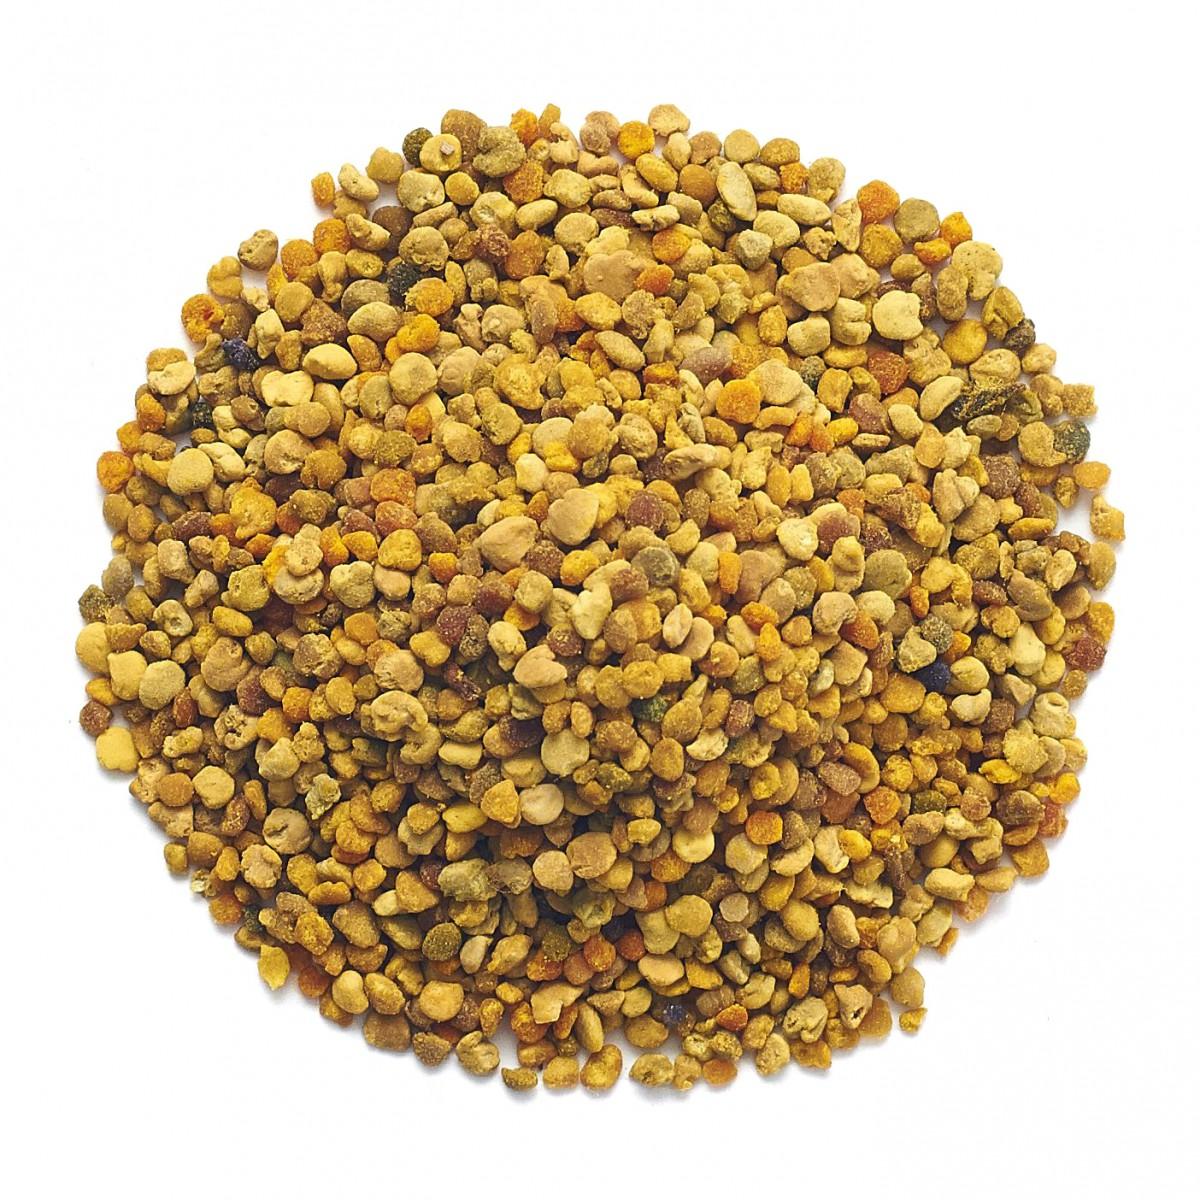 Пыльца сушенная 0,25 кг